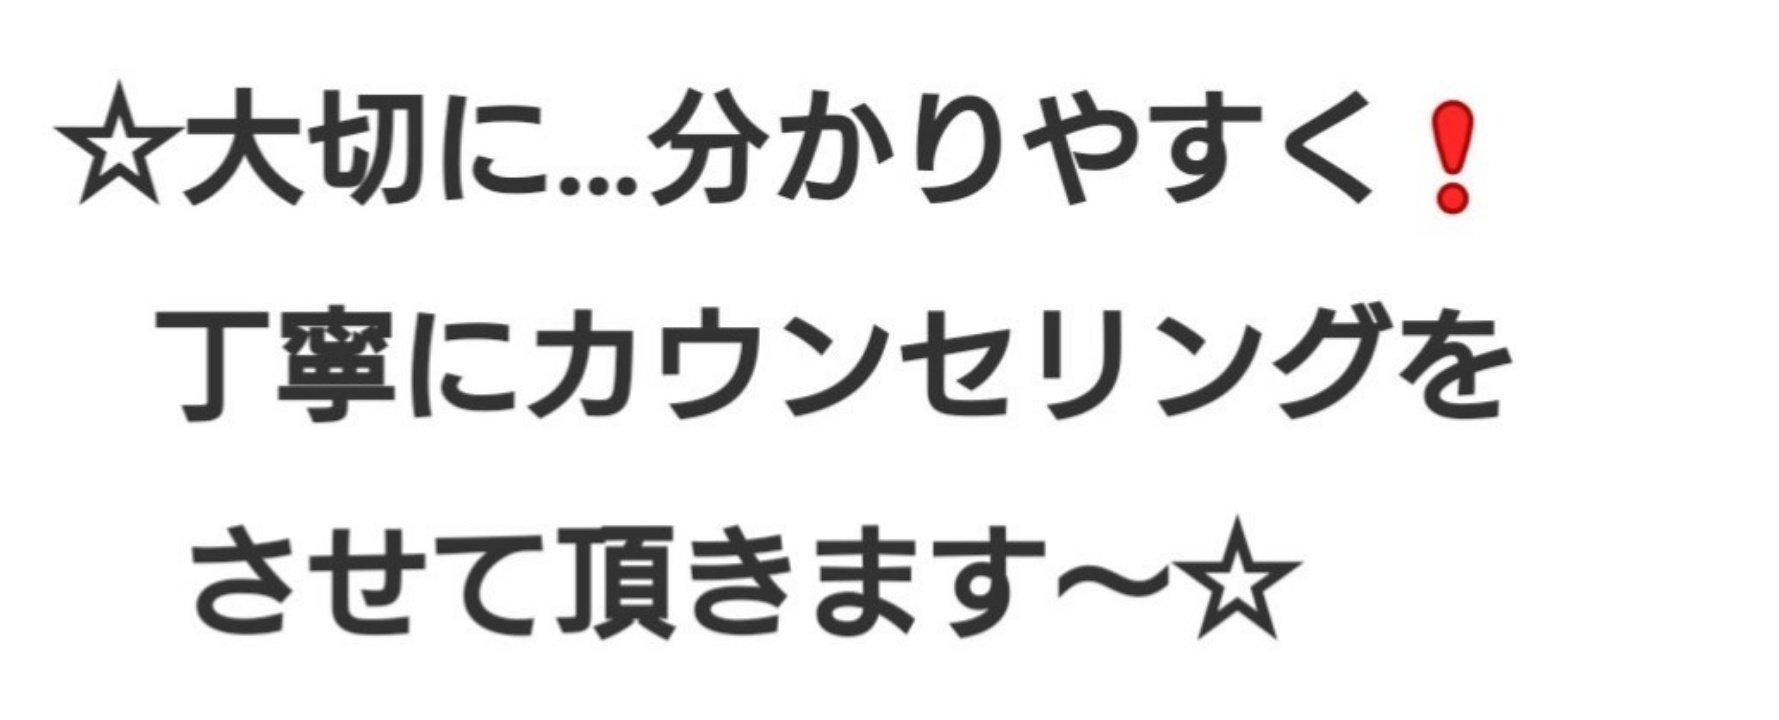 【アトピー・トラブル肌専門】アトピーの季節/心配肌にお尋ね下さいませ~☆